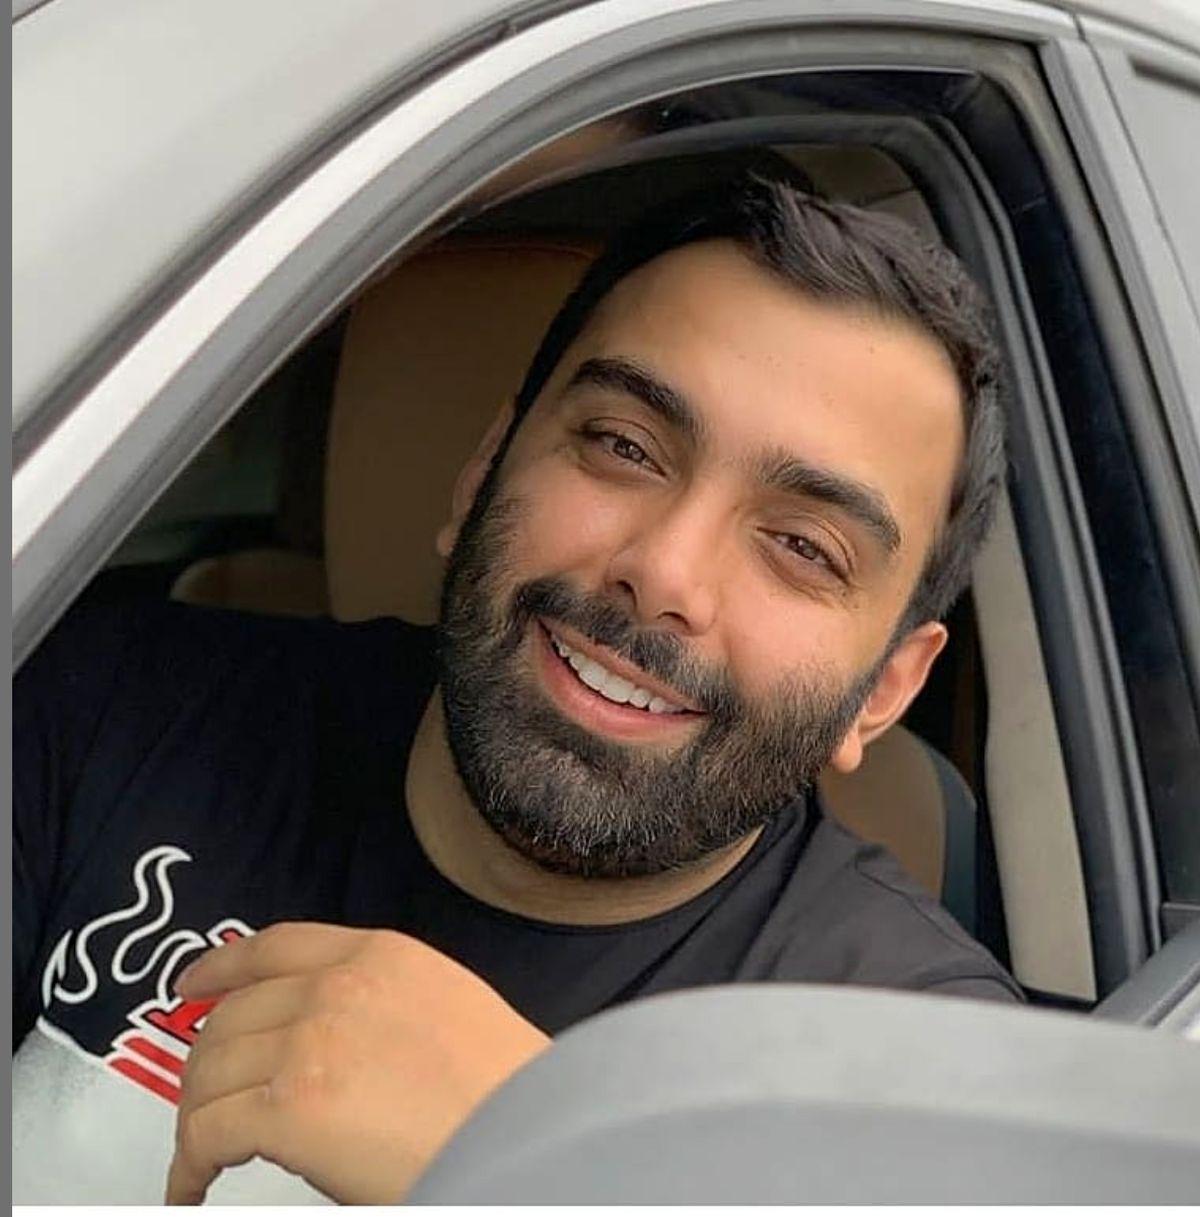 قرض گرفتن مسعود صادقلو از دوستش جنجالی شد